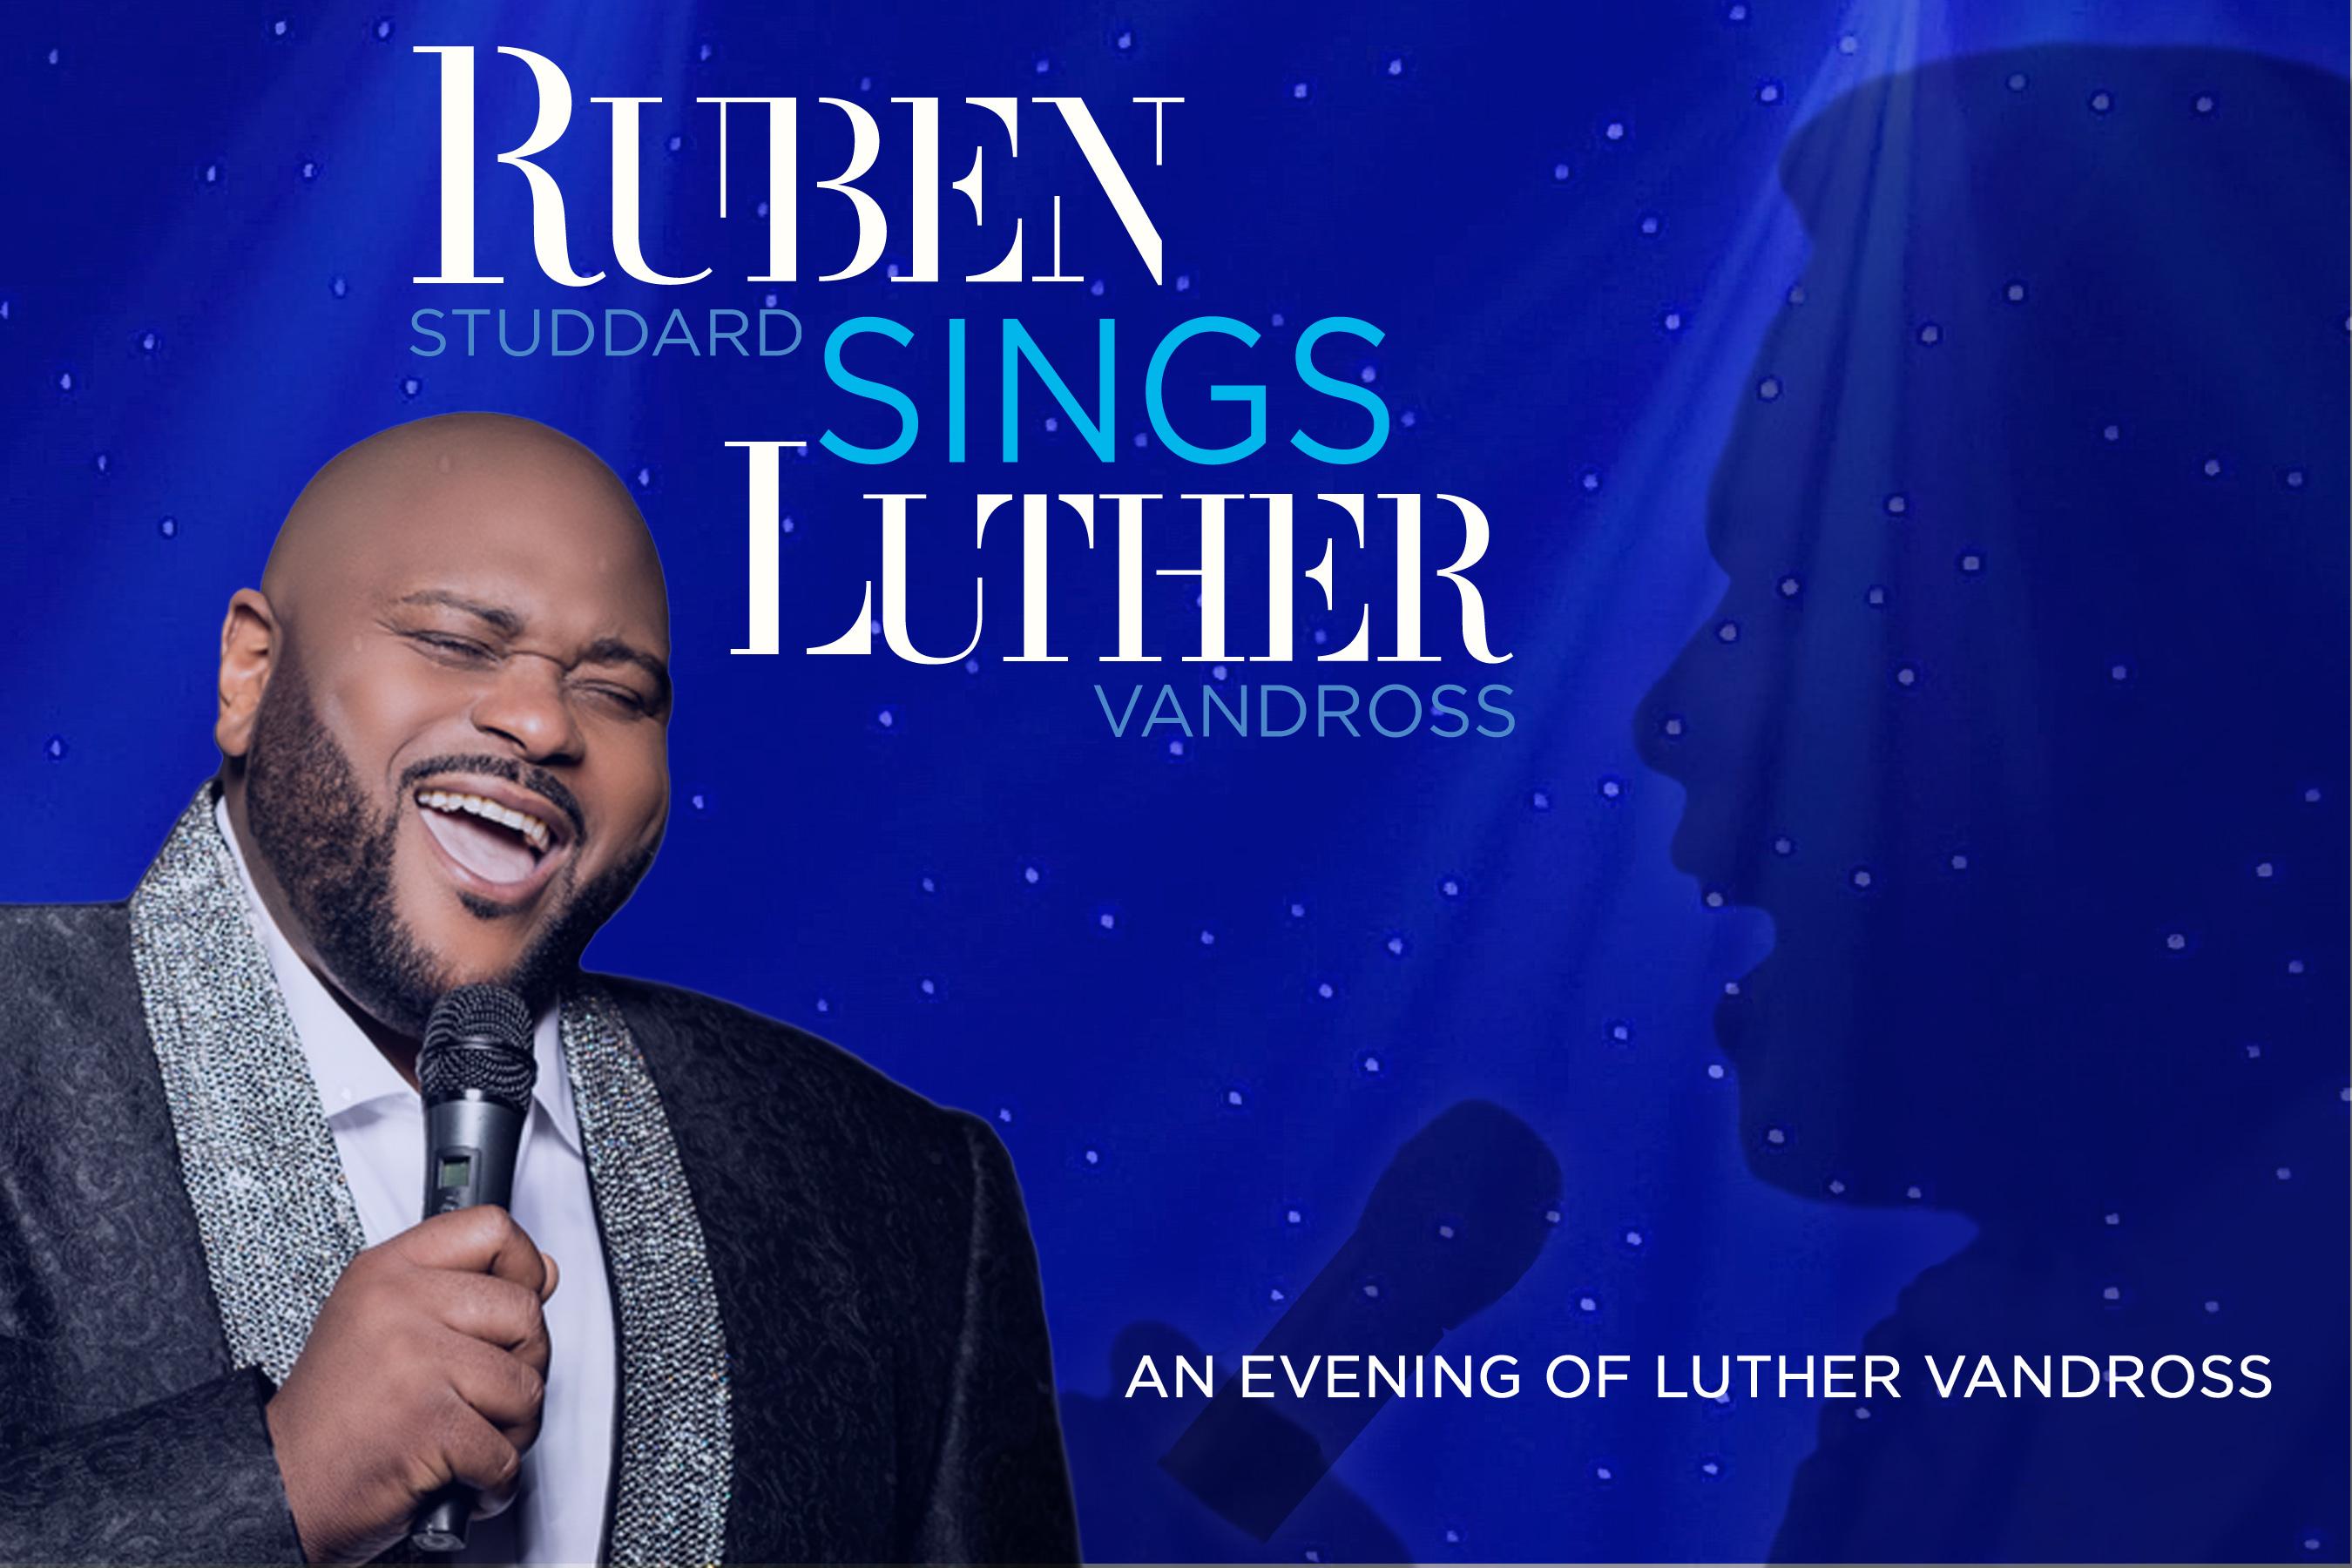 Ruben Studdard:  Ruben Sings Luther